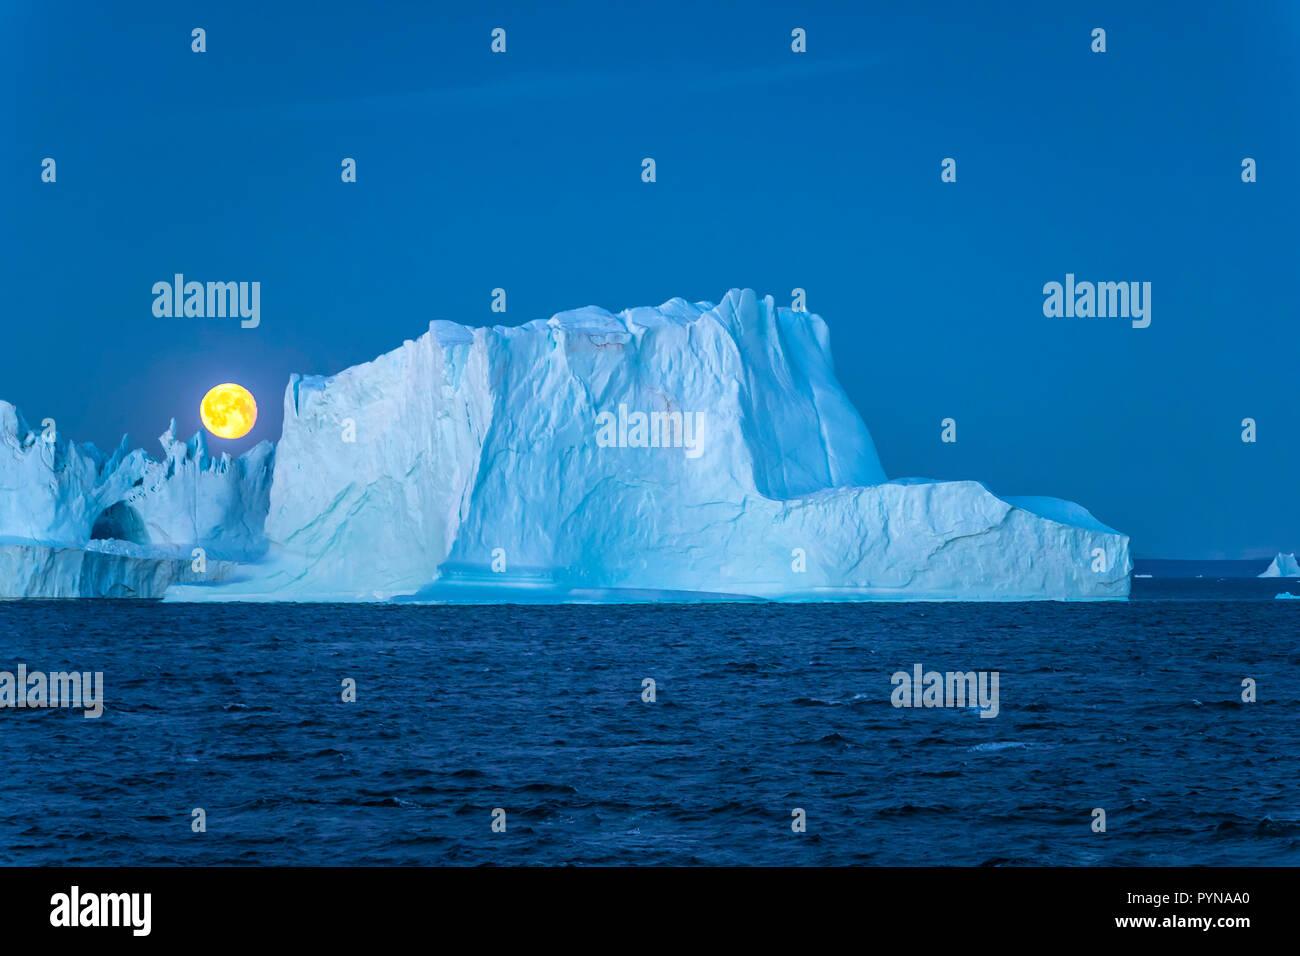 Abendstimmung, Vollmond hinter einem Eisberg, Grönland, Nordpolarmeer, Arktis | Fullmoon behind a iceberg, Greenland, North polar ocean, Arctic - Stock Image